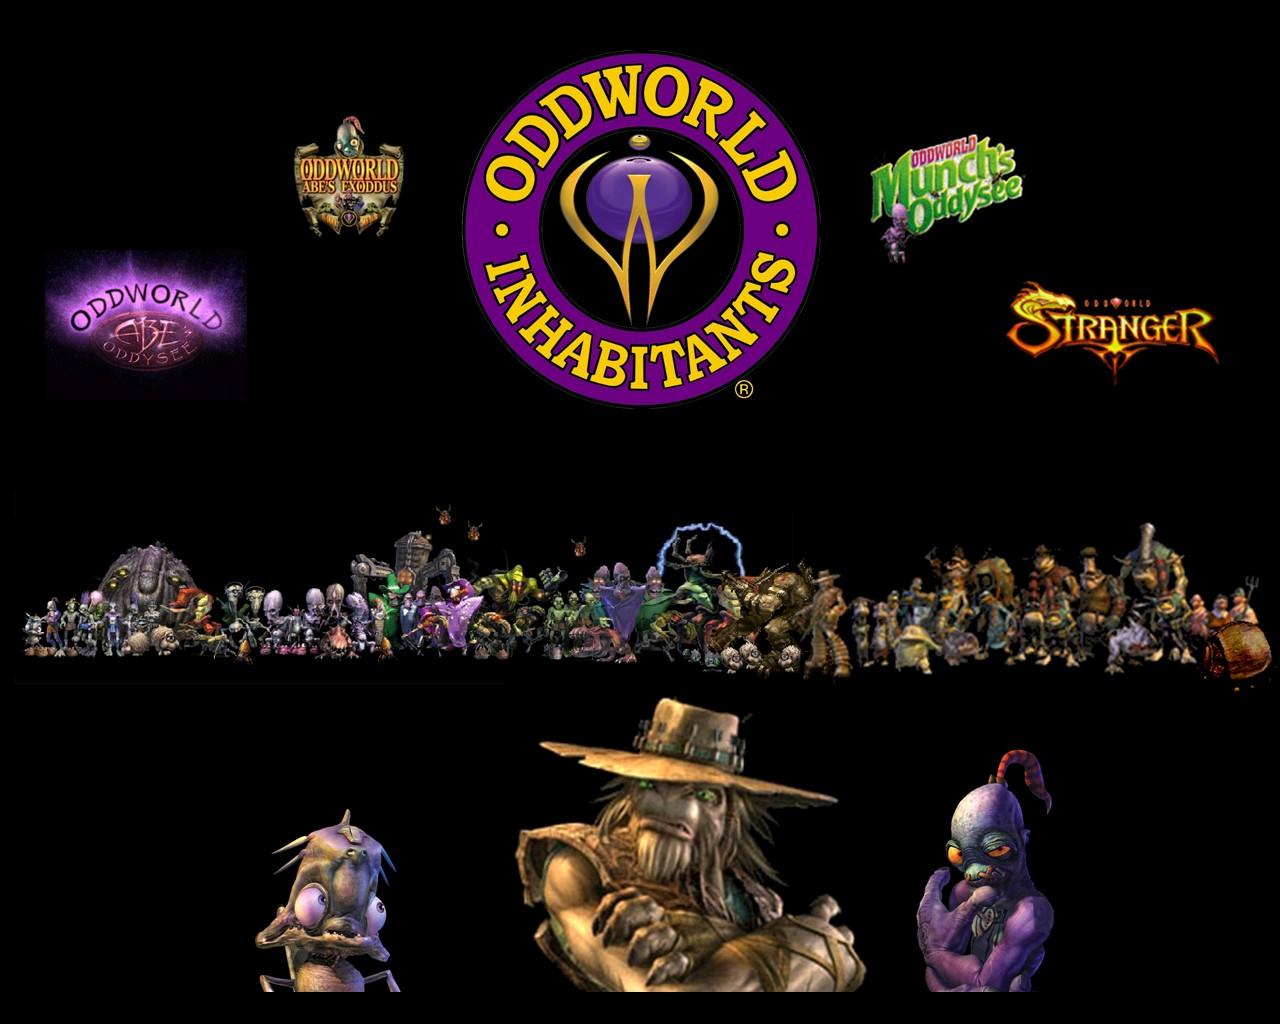 http://1.bp.blogspot.com/-UhwdbBVakGE/T7efq4PsZ9I/AAAAAAAAAj4/bODRxiUUZBU/s1600/oddworld-wallpaper-series.jpg